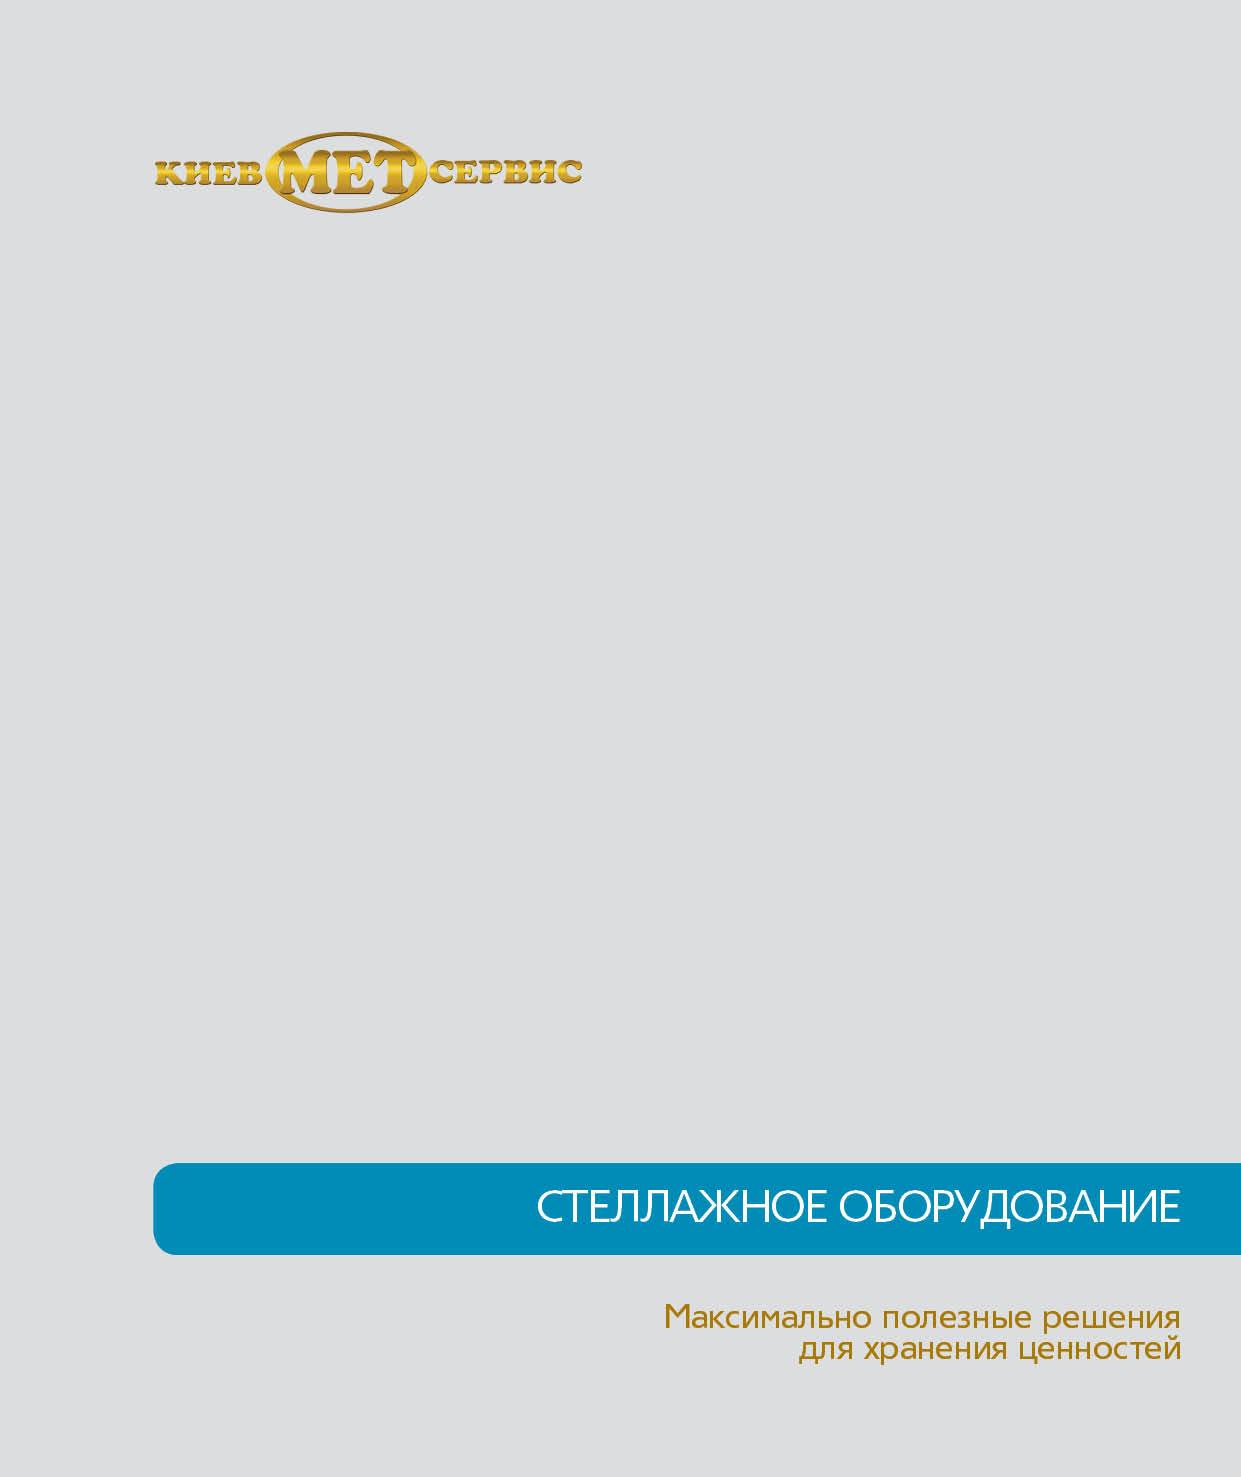 Каталог «КиевМетСервис»